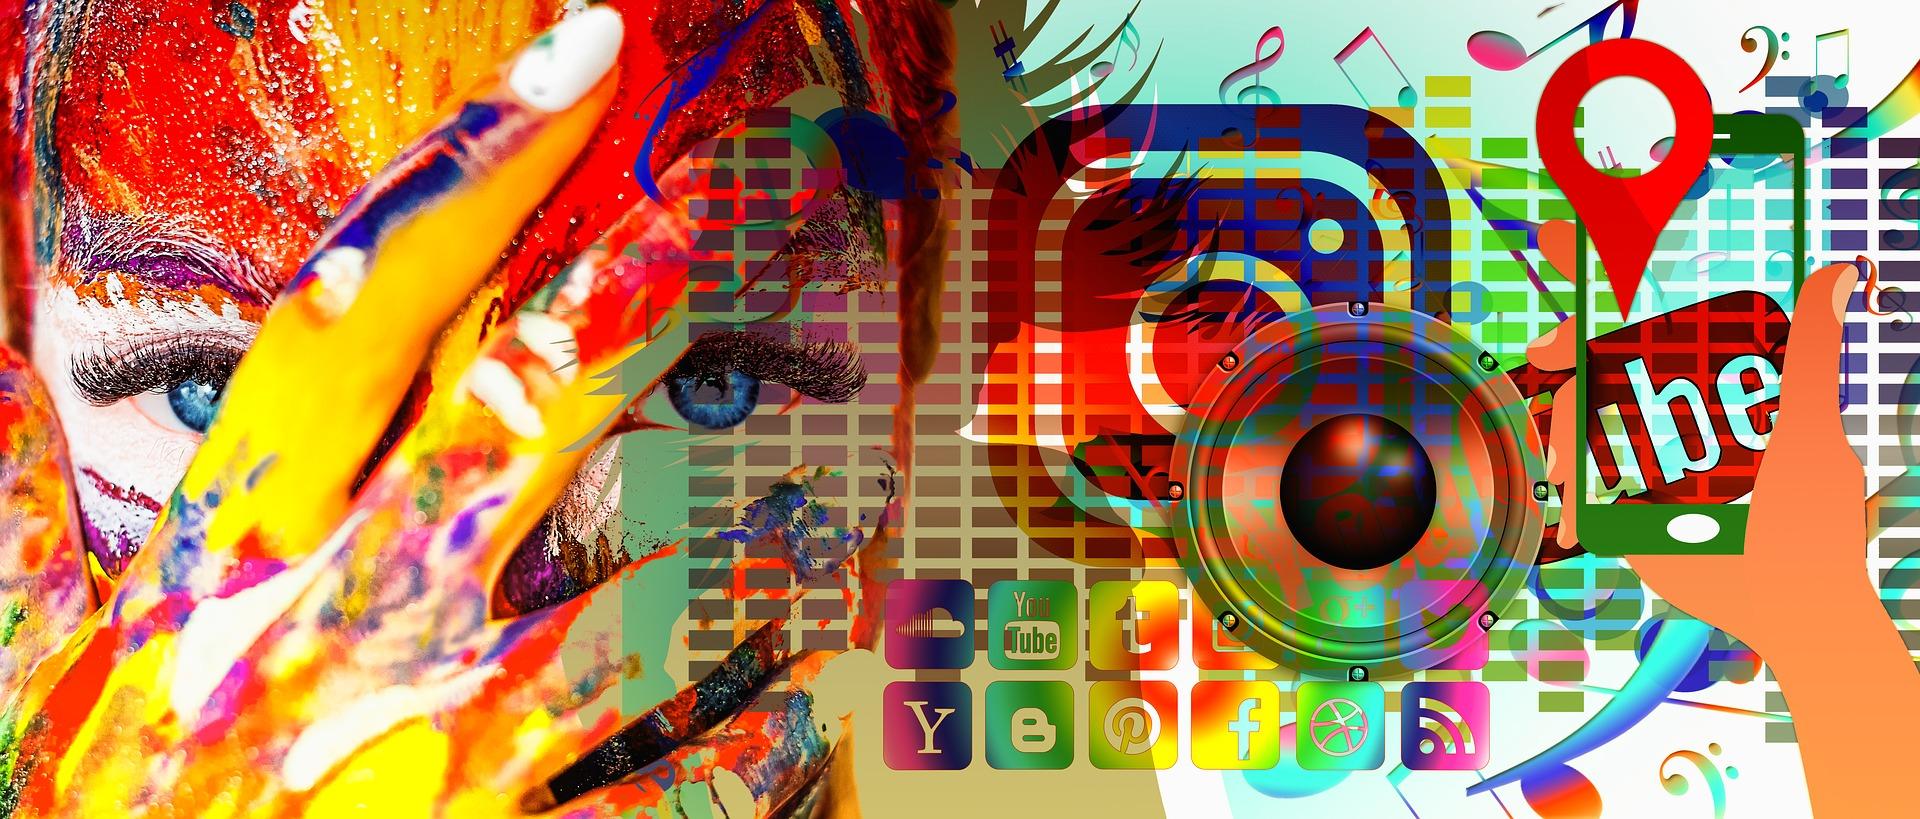 Image collage de plusieurs éléments : un objectif d'appareil photo, un visage, des logos de réseaux sociaux.